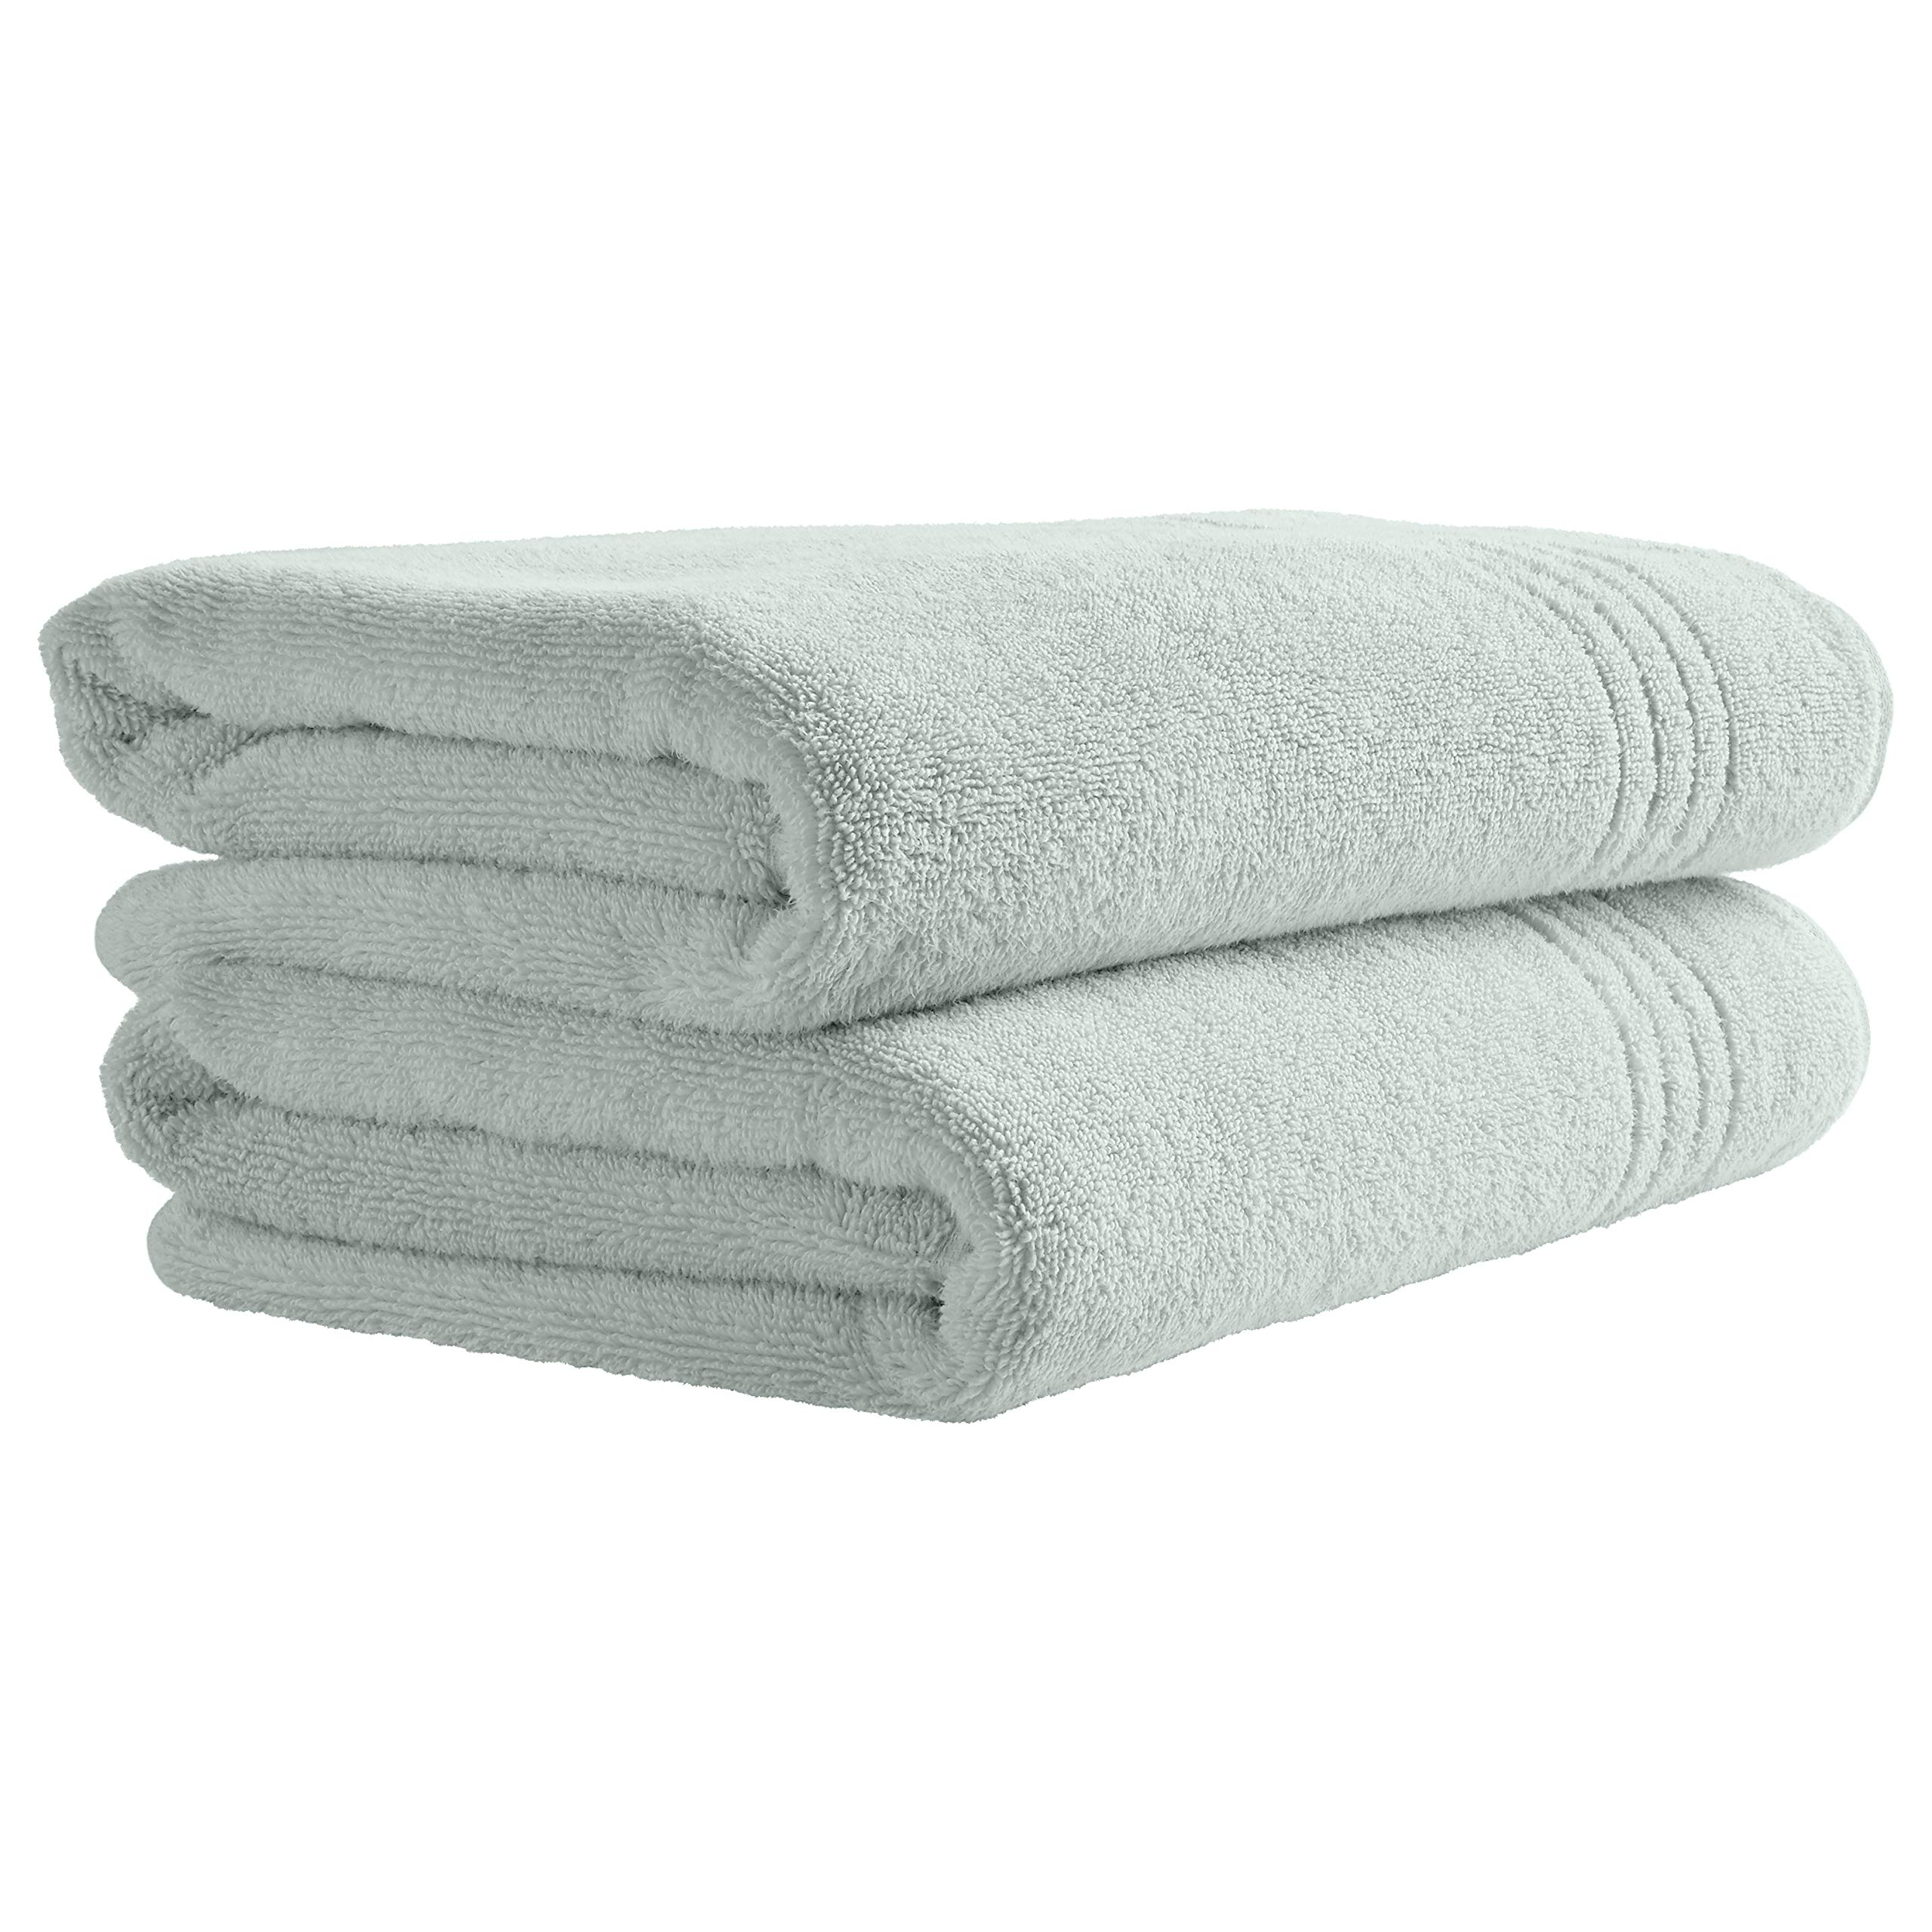 Rivet Quick-Dry Cotton Bath Towels, Set of 2, Mint